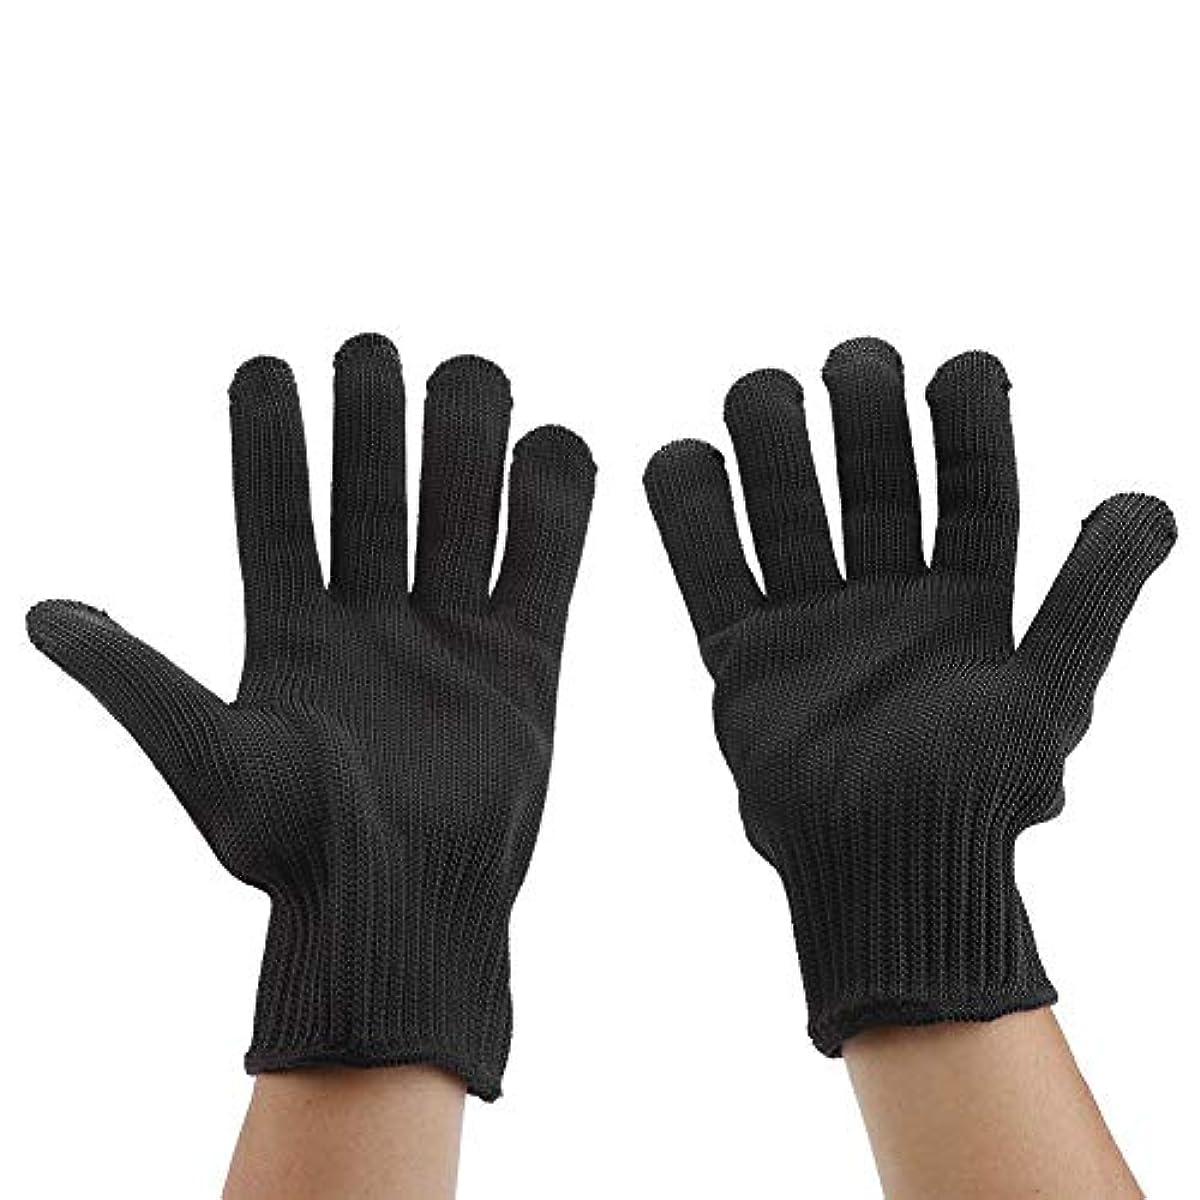 歯科医公平物足りないカット耐性手袋、食品等級レベル5保護、台所用安全性カット手袋、マンドリンスライス、魚切り身、オイスターシャック、肉切りと木彫り(1ペア)(#3)